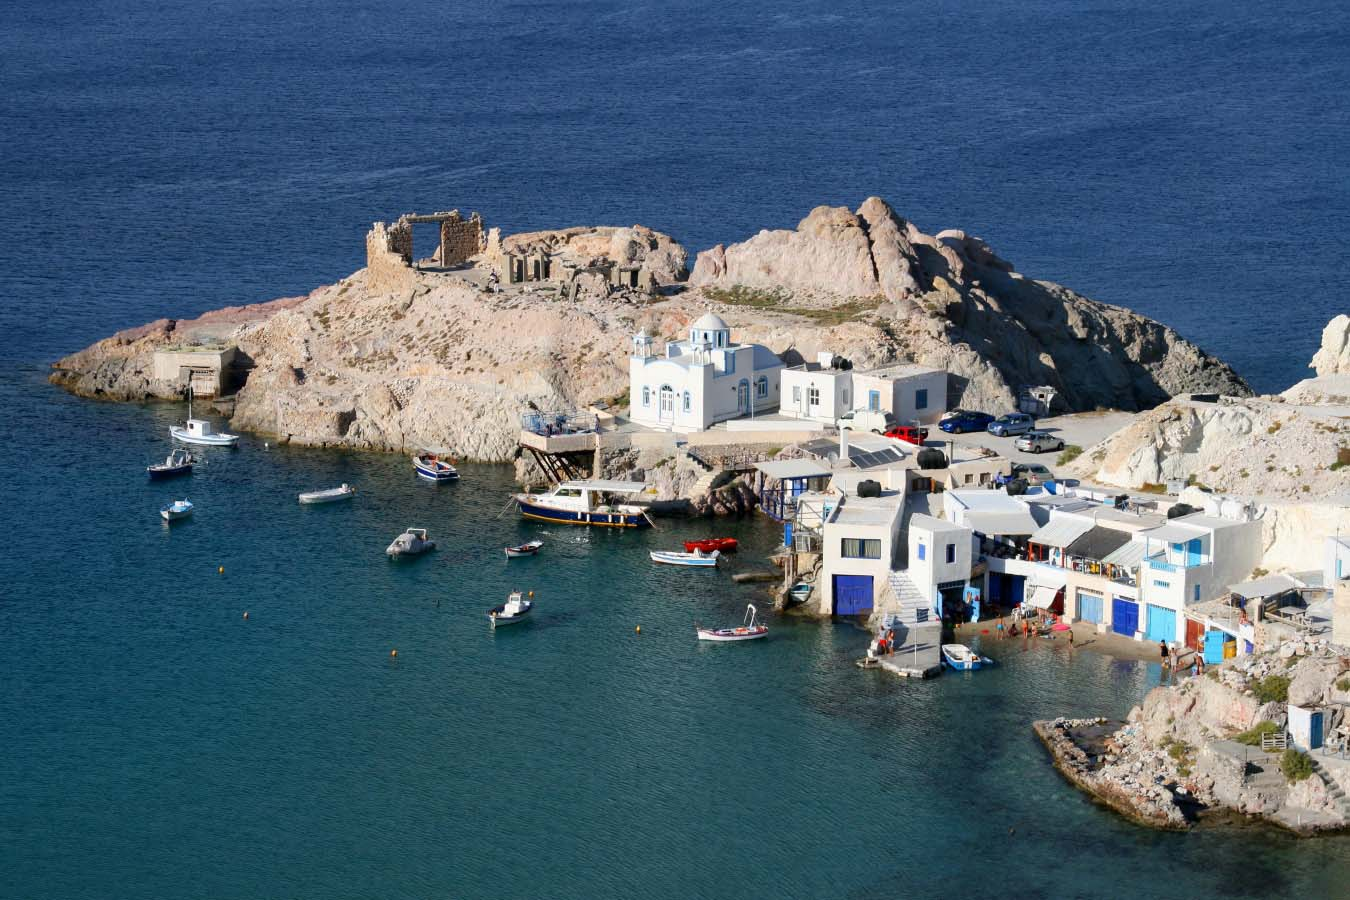 Cyclades Islands In Greece Milos The North Coast